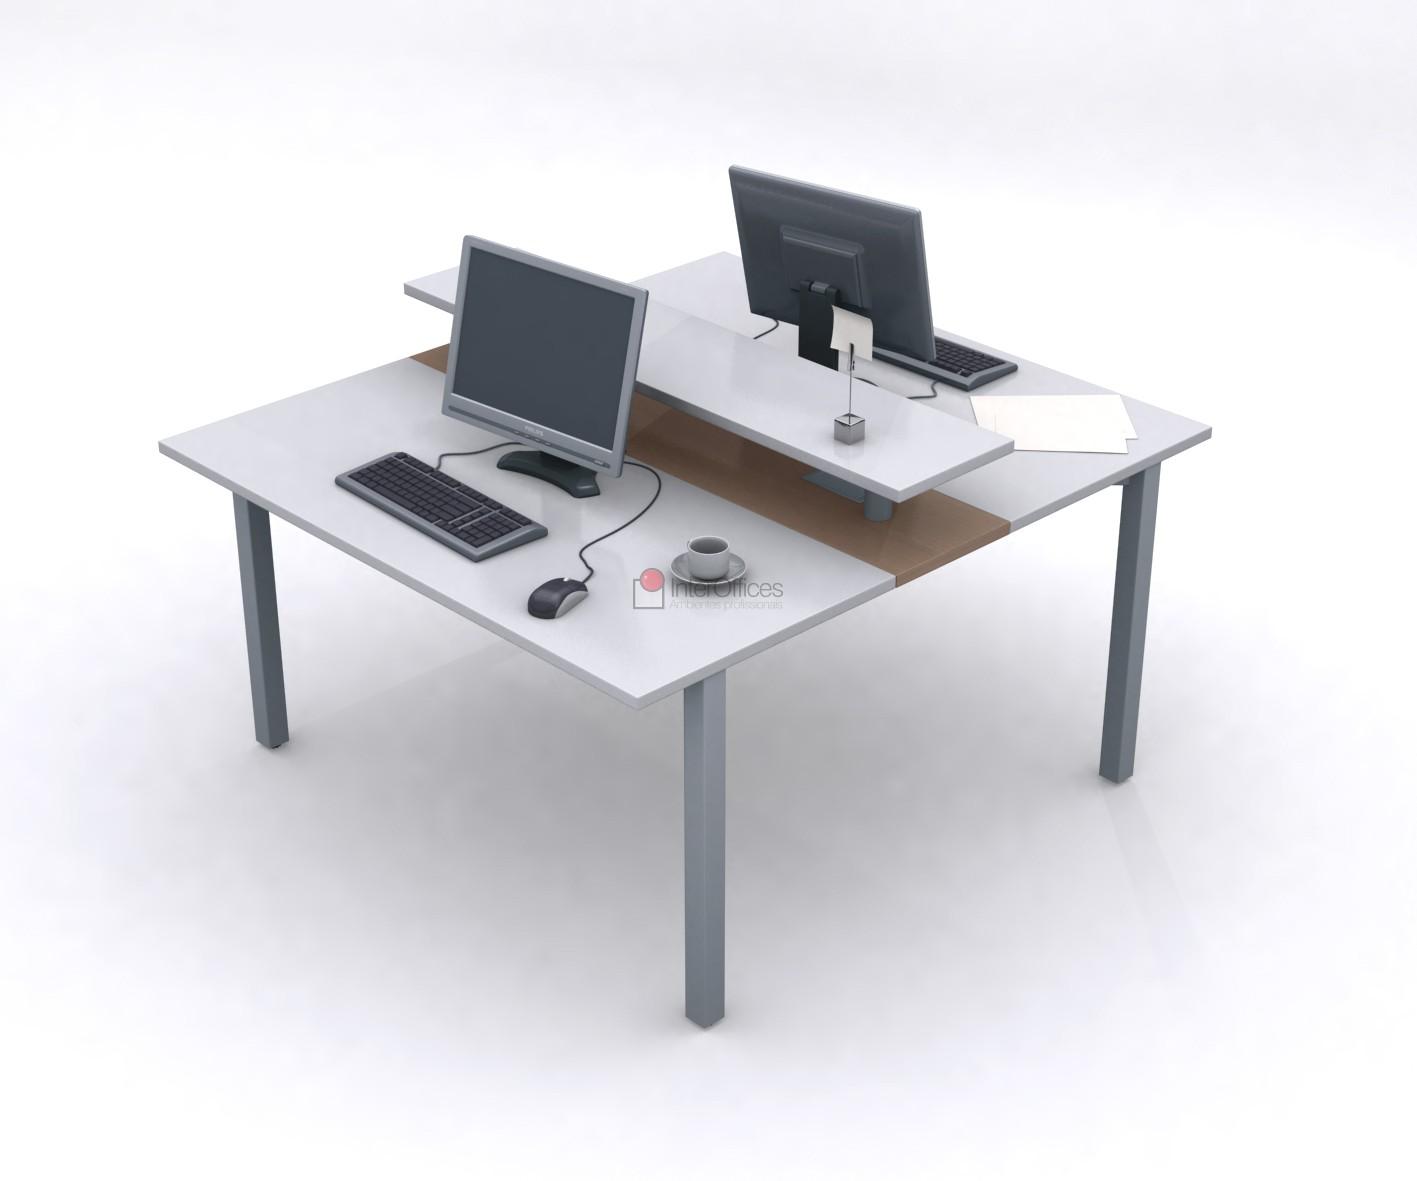 Para Escritório Inter Offices Móveis para Escritórios SP #5D4C40 1417x1181